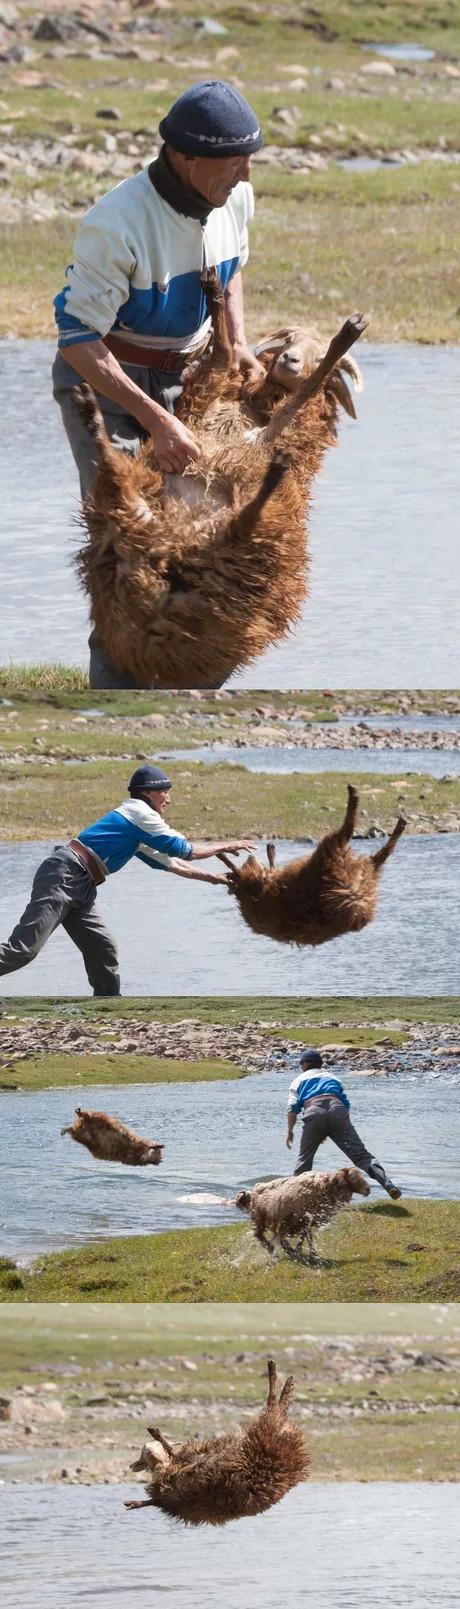 Простой способ помыть овцу Овцы, Мойка, Монголия, 9GAG, Картинки, Длиннопост